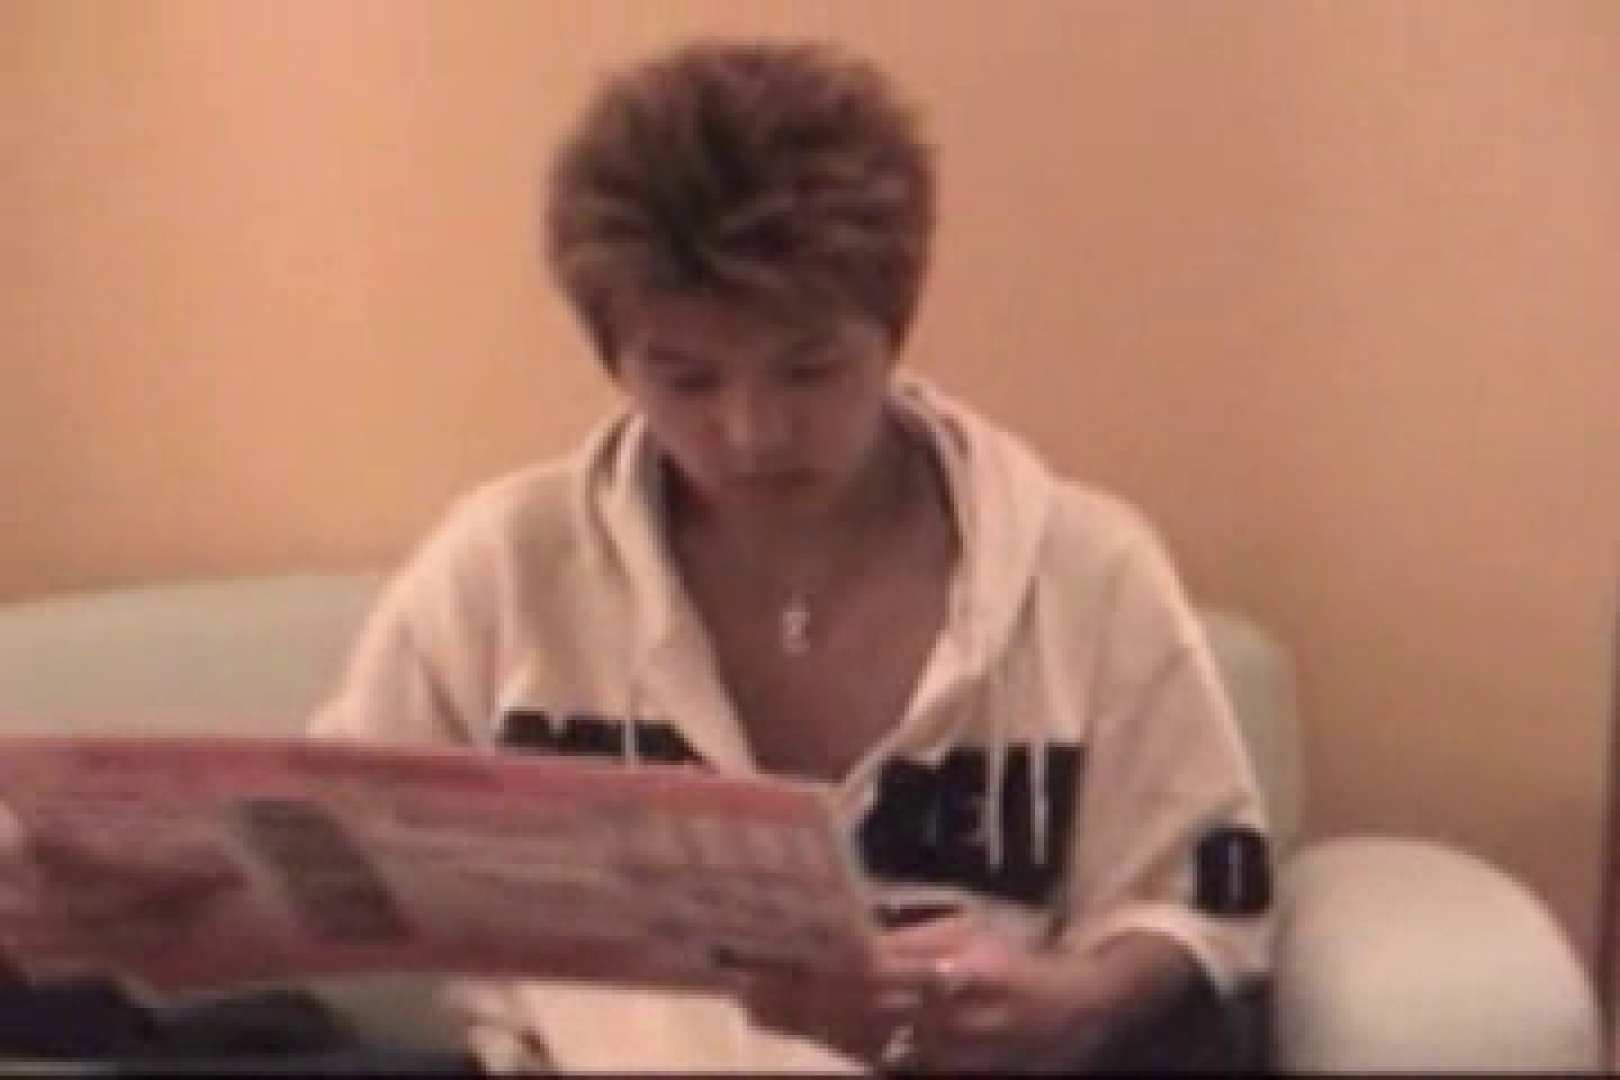 【流出】ジャニ系イケメン!!フライング&アナルが痛くて出来ません!! 入浴・シャワー覗き | フェラ最高 ゲイAV画像 9連発 4